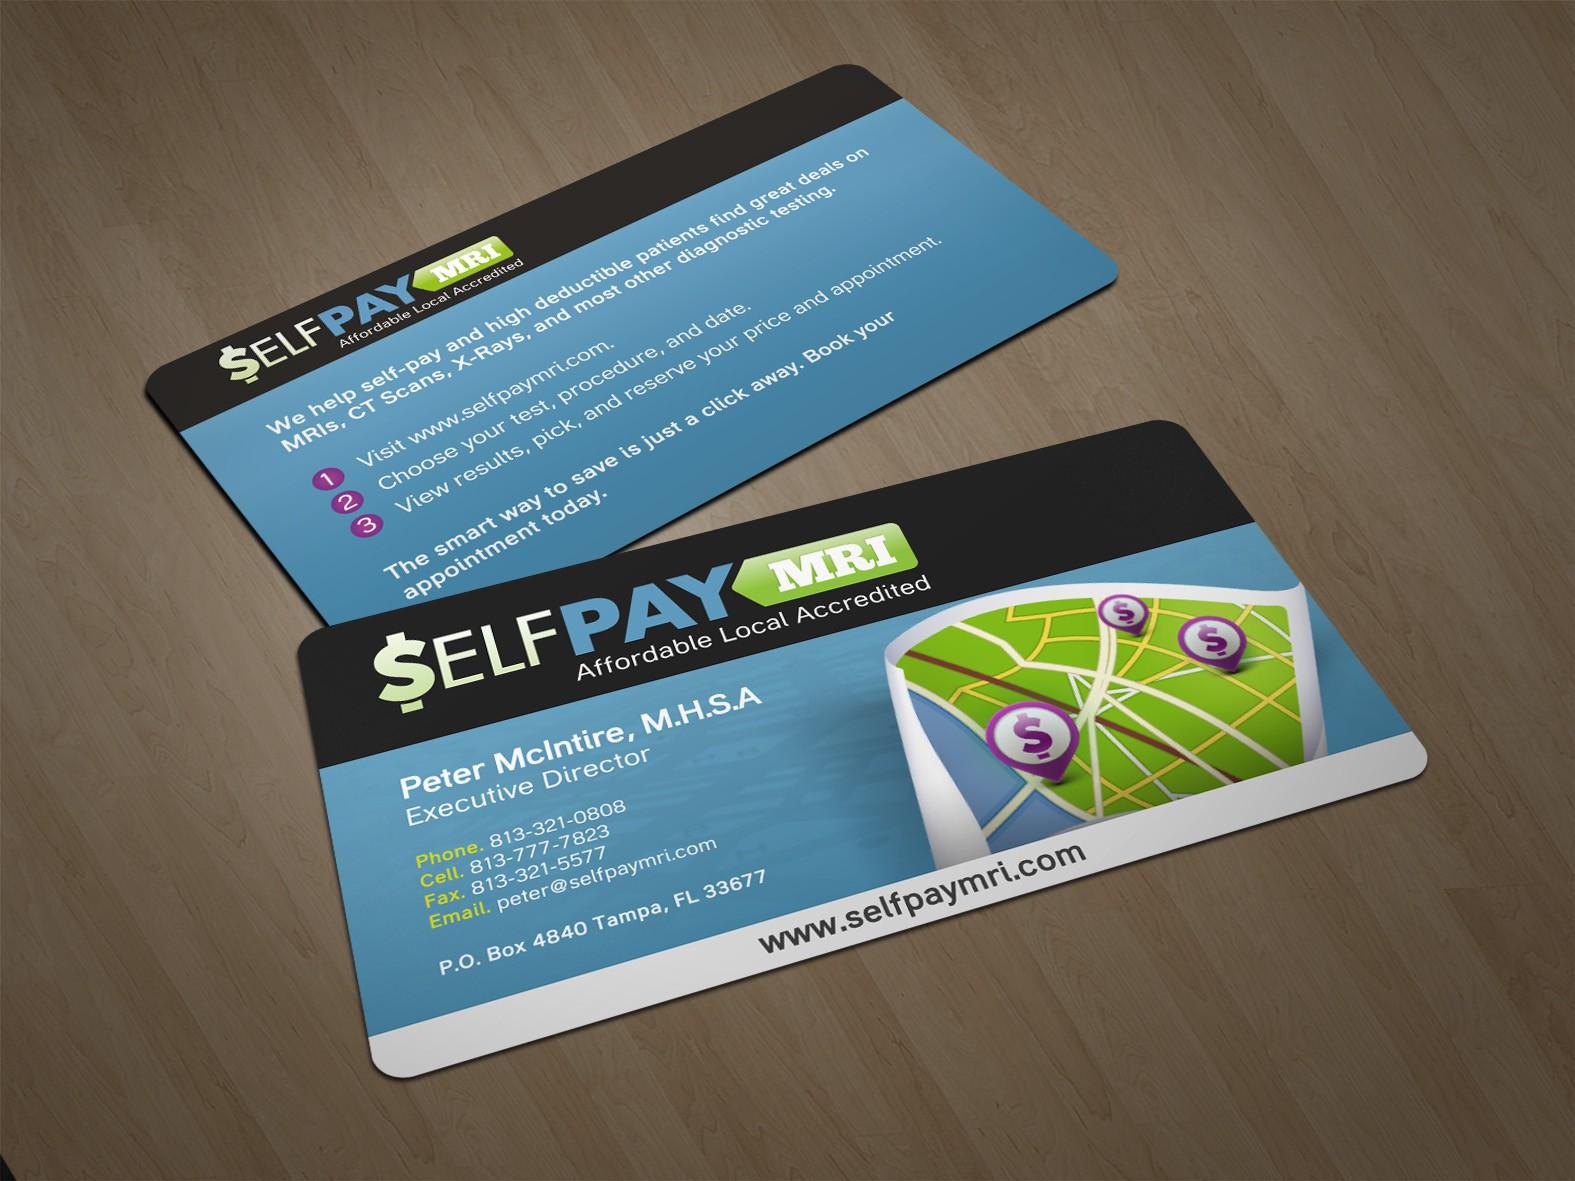 stationery for SelfPayMRI.com